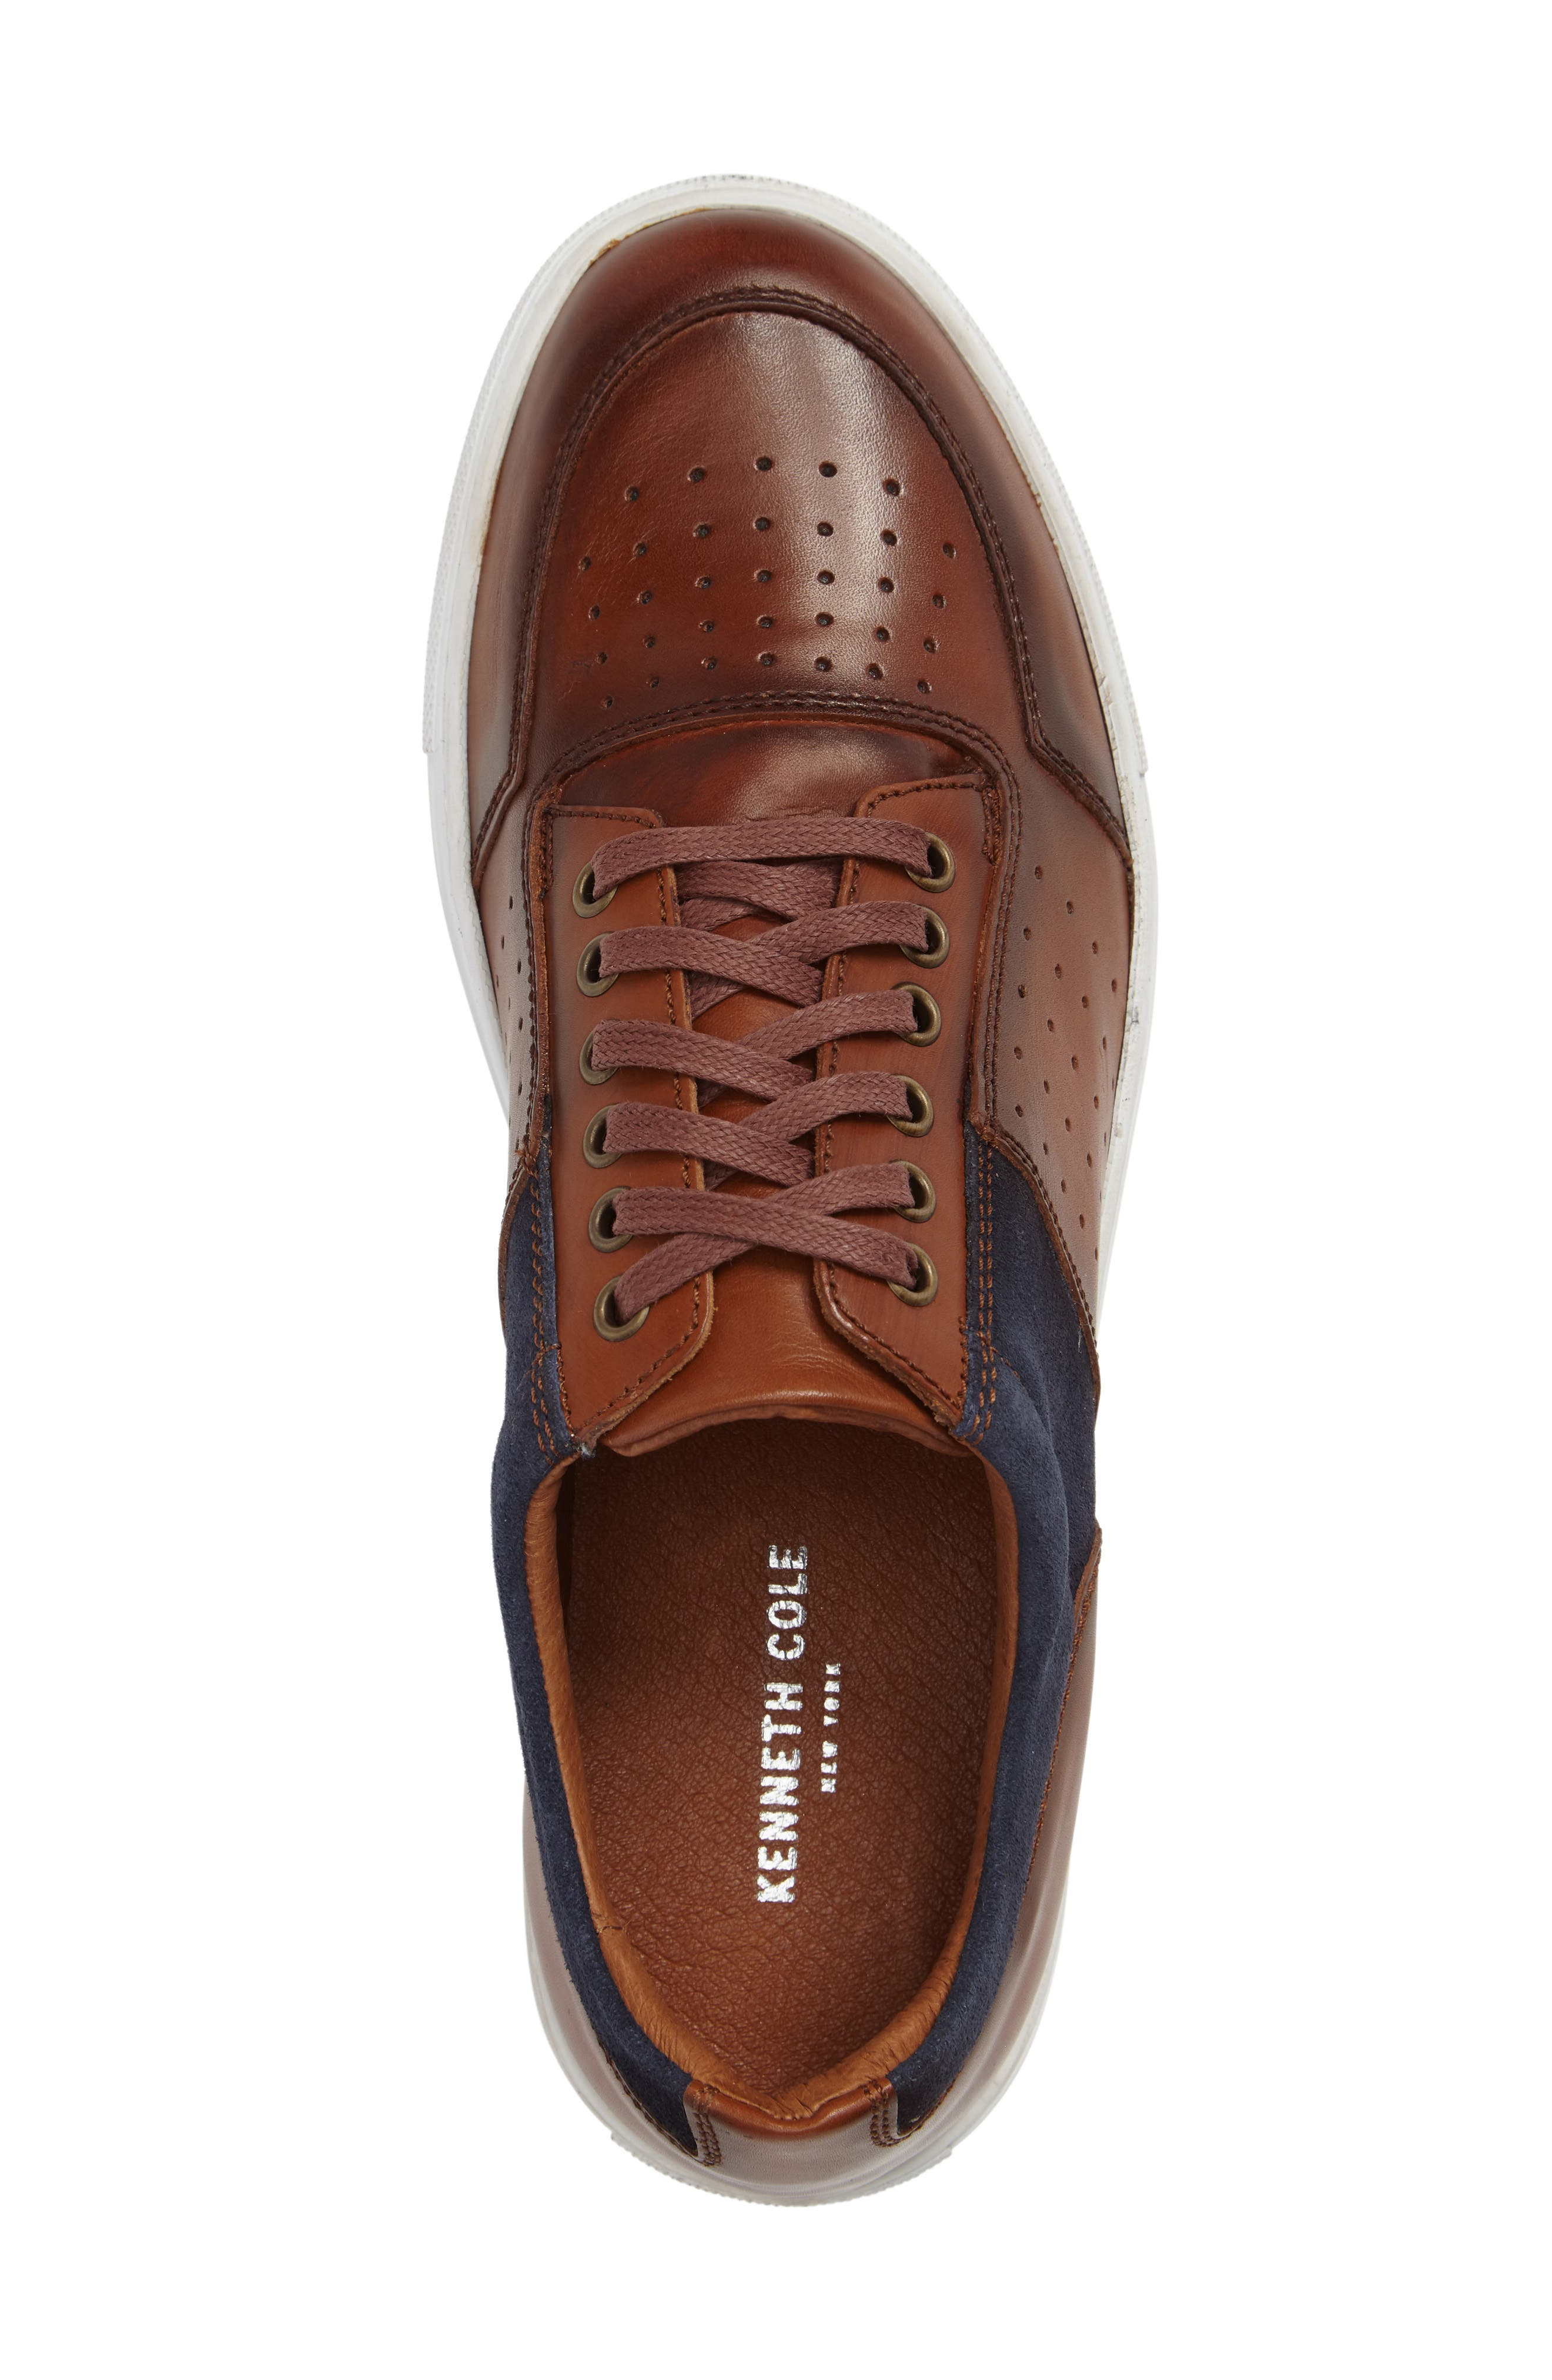 Prem-Ier Sneaker,                             Alternate thumbnail 3, color,                             200